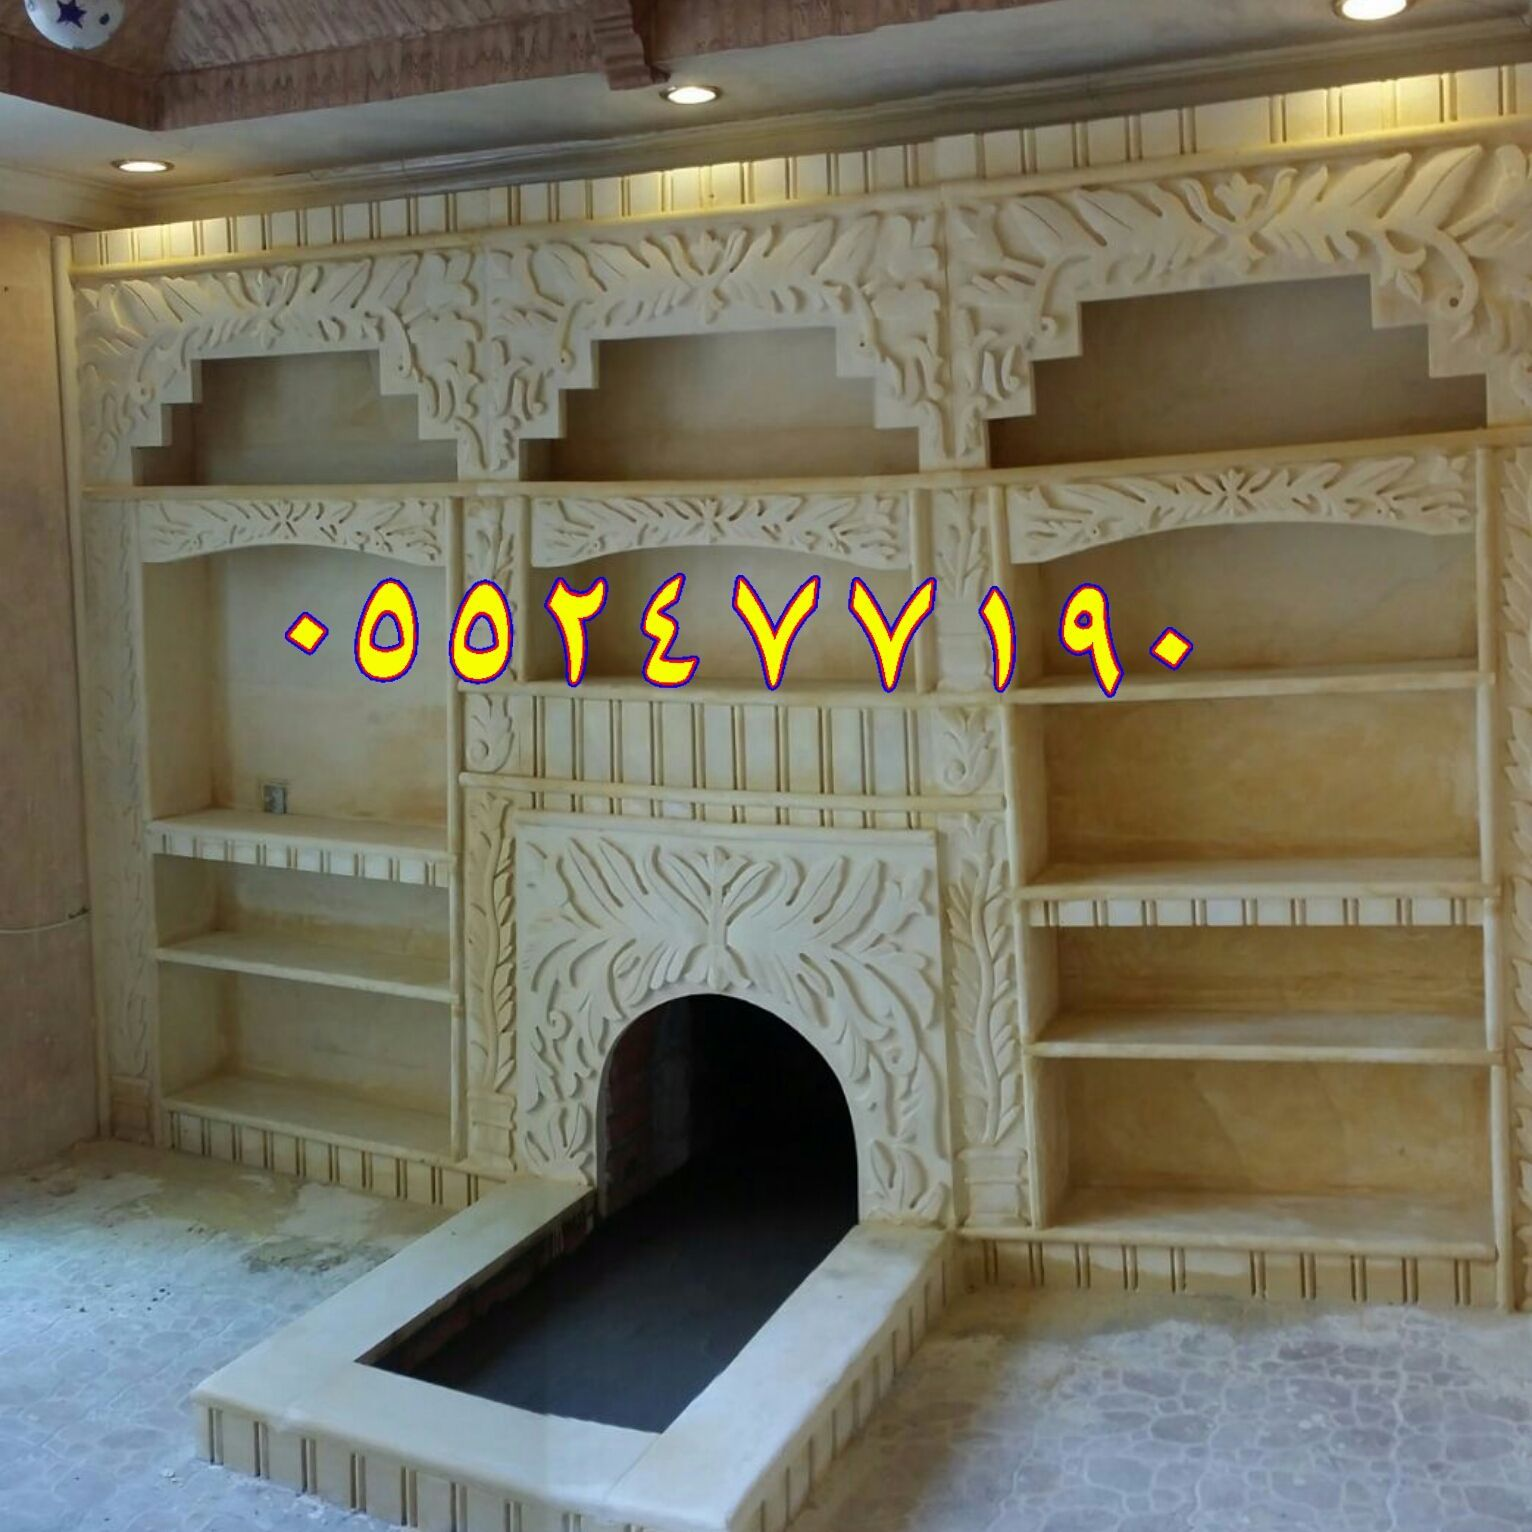 ديكورات مشبات روعه اشكال مشبات فخمه مشبات ملاحق مشبات بيوت Home Decor Fireplace Decor